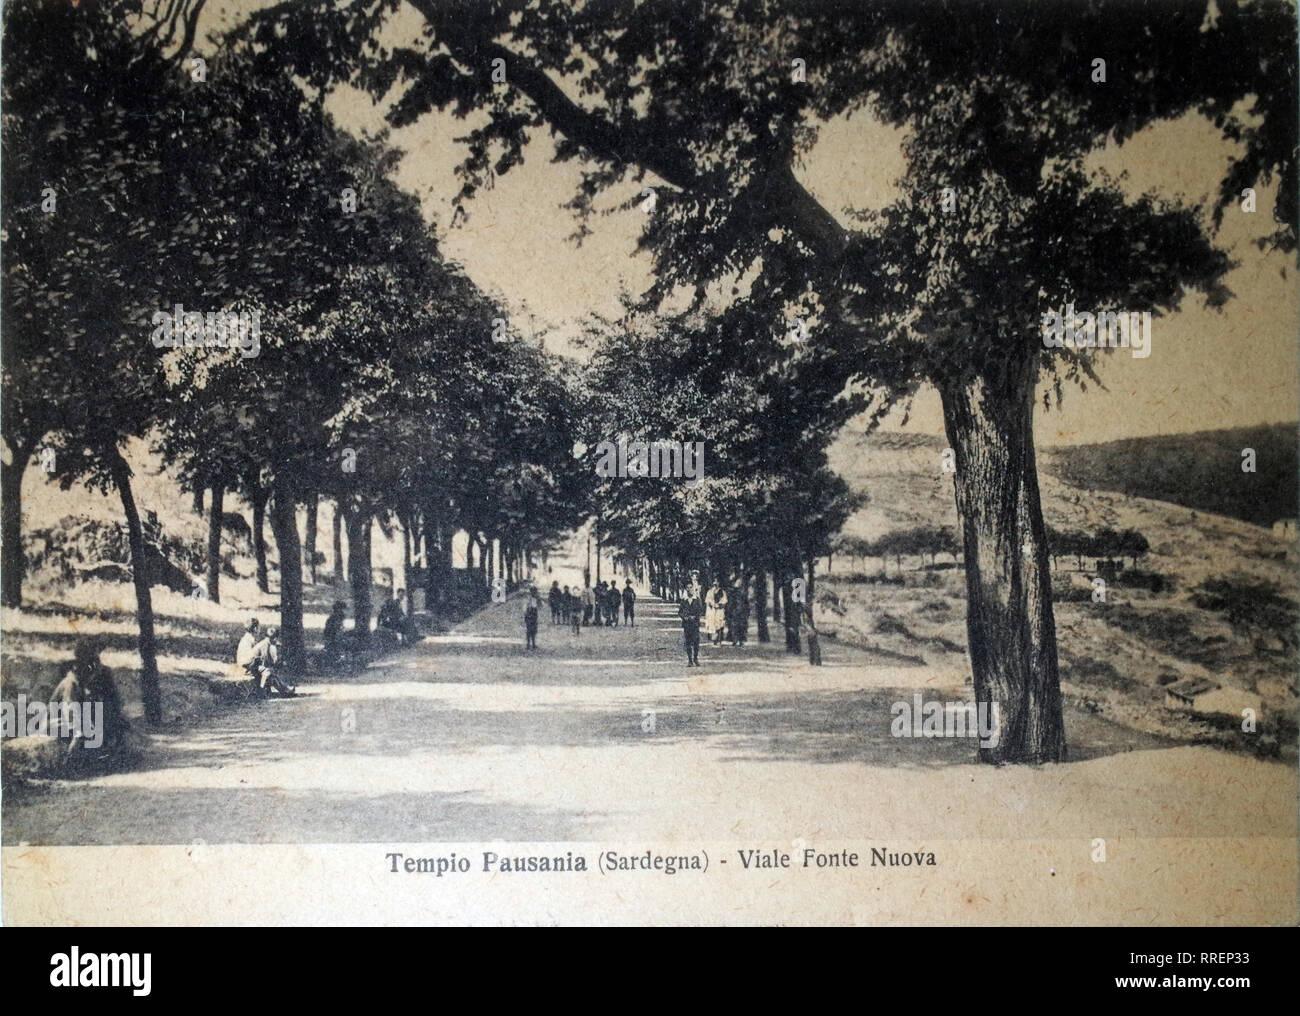 Tempio Pausania, Italie Sardaigne. Old post card 1920 sur Photo Stock